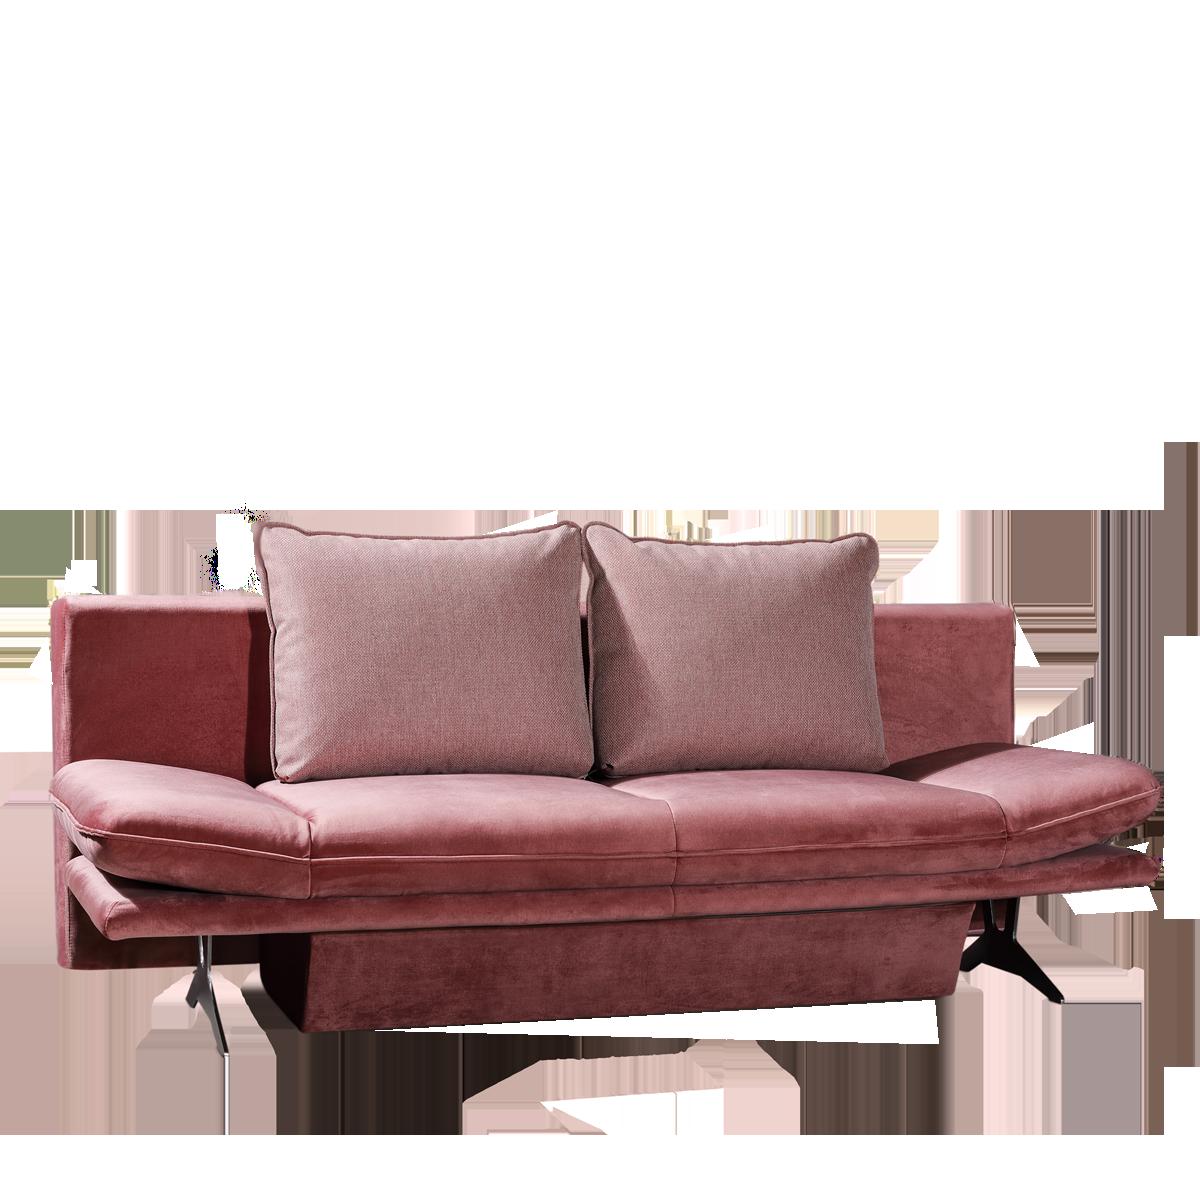 Full Size of Couch Ausklappbar Restyl Schlafsofa Mona Mit Praktischem Integriertem Bettkasten Bett Ausklappbares Wohnzimmer Couch Ausklappbar